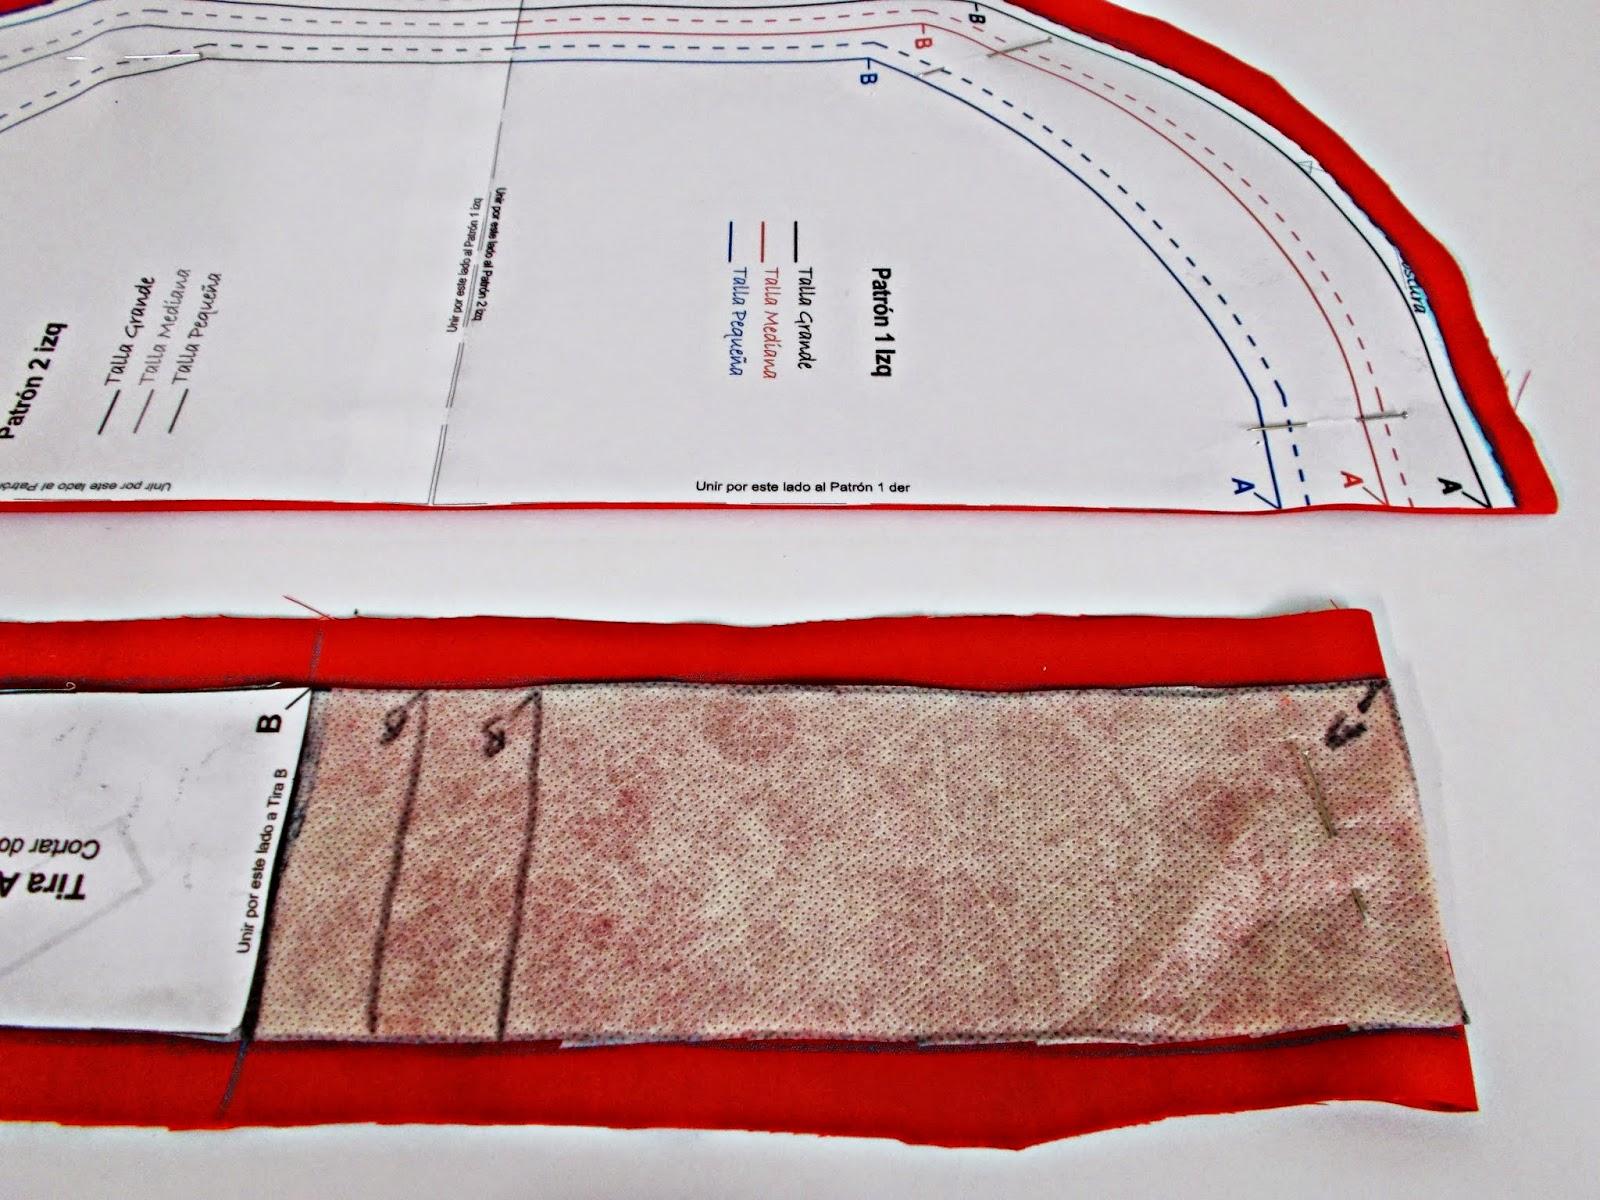 Costura-KimoKap-paso a paso-videotutorial-solidaridad-oncología-niños-sonrisa-